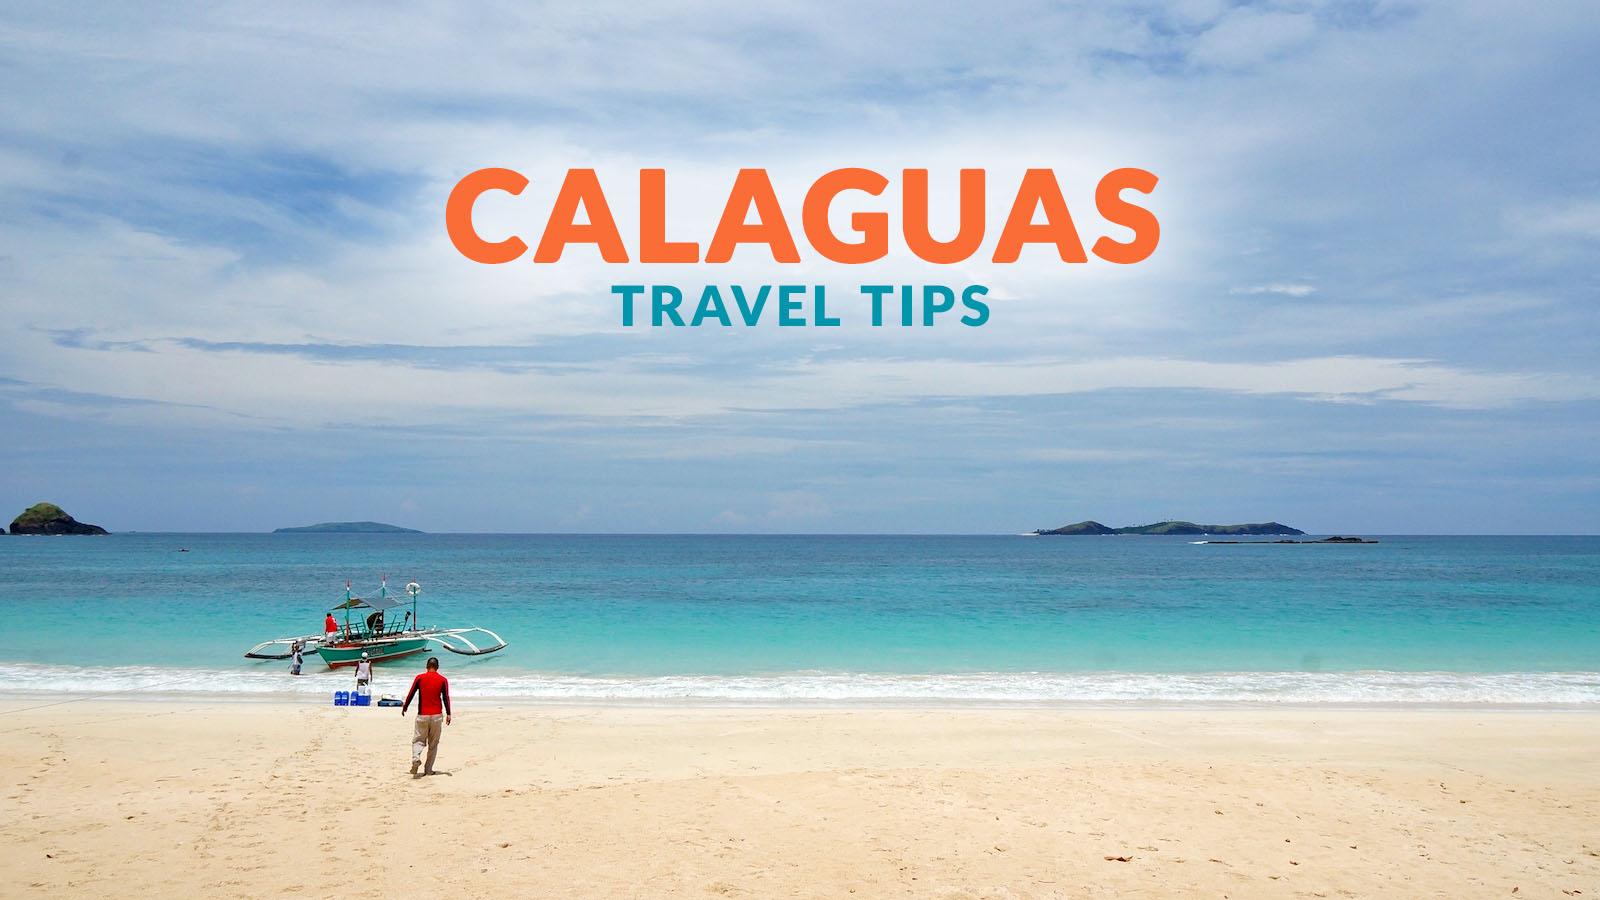 Calaguas Island Camarines Norte Map CALAGUAS ISLANDS: IMPORTANT TRAVEL TIPS   Philippine Beach Guide